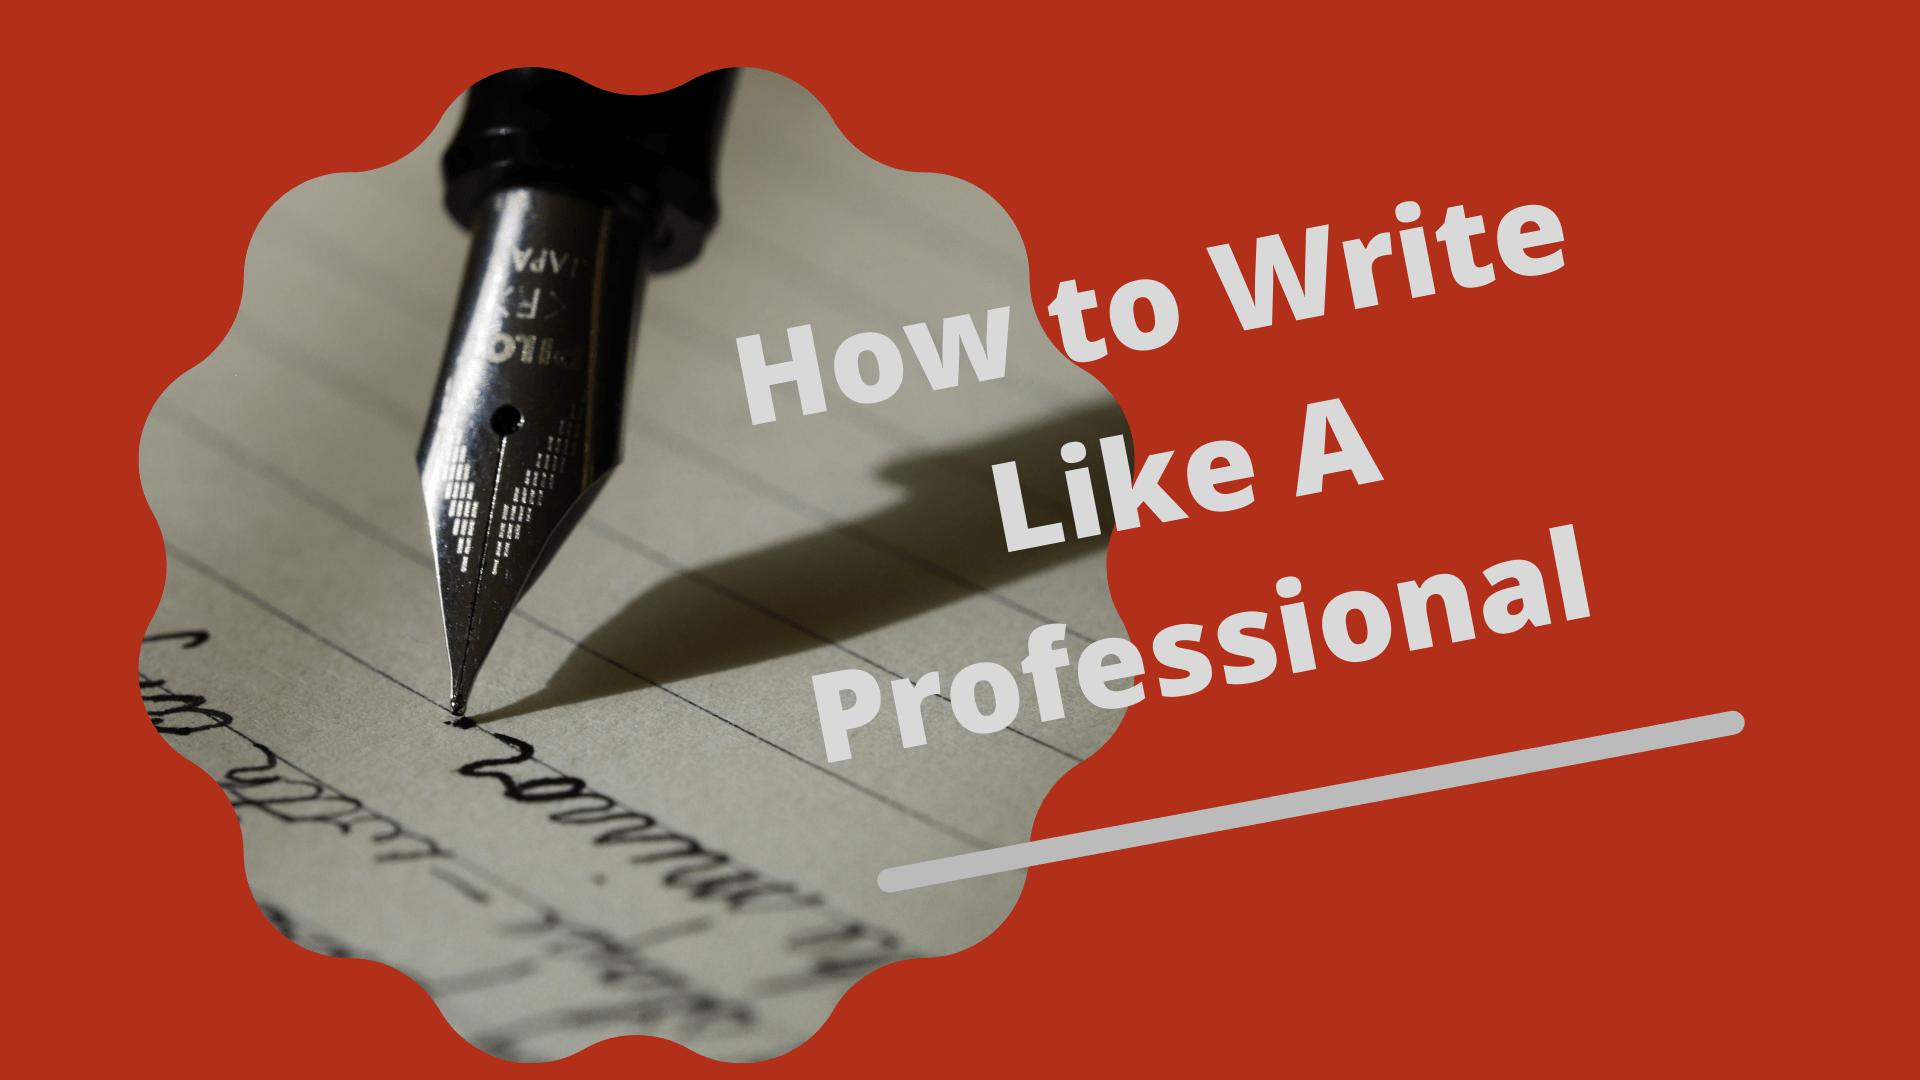 how to write like a professional